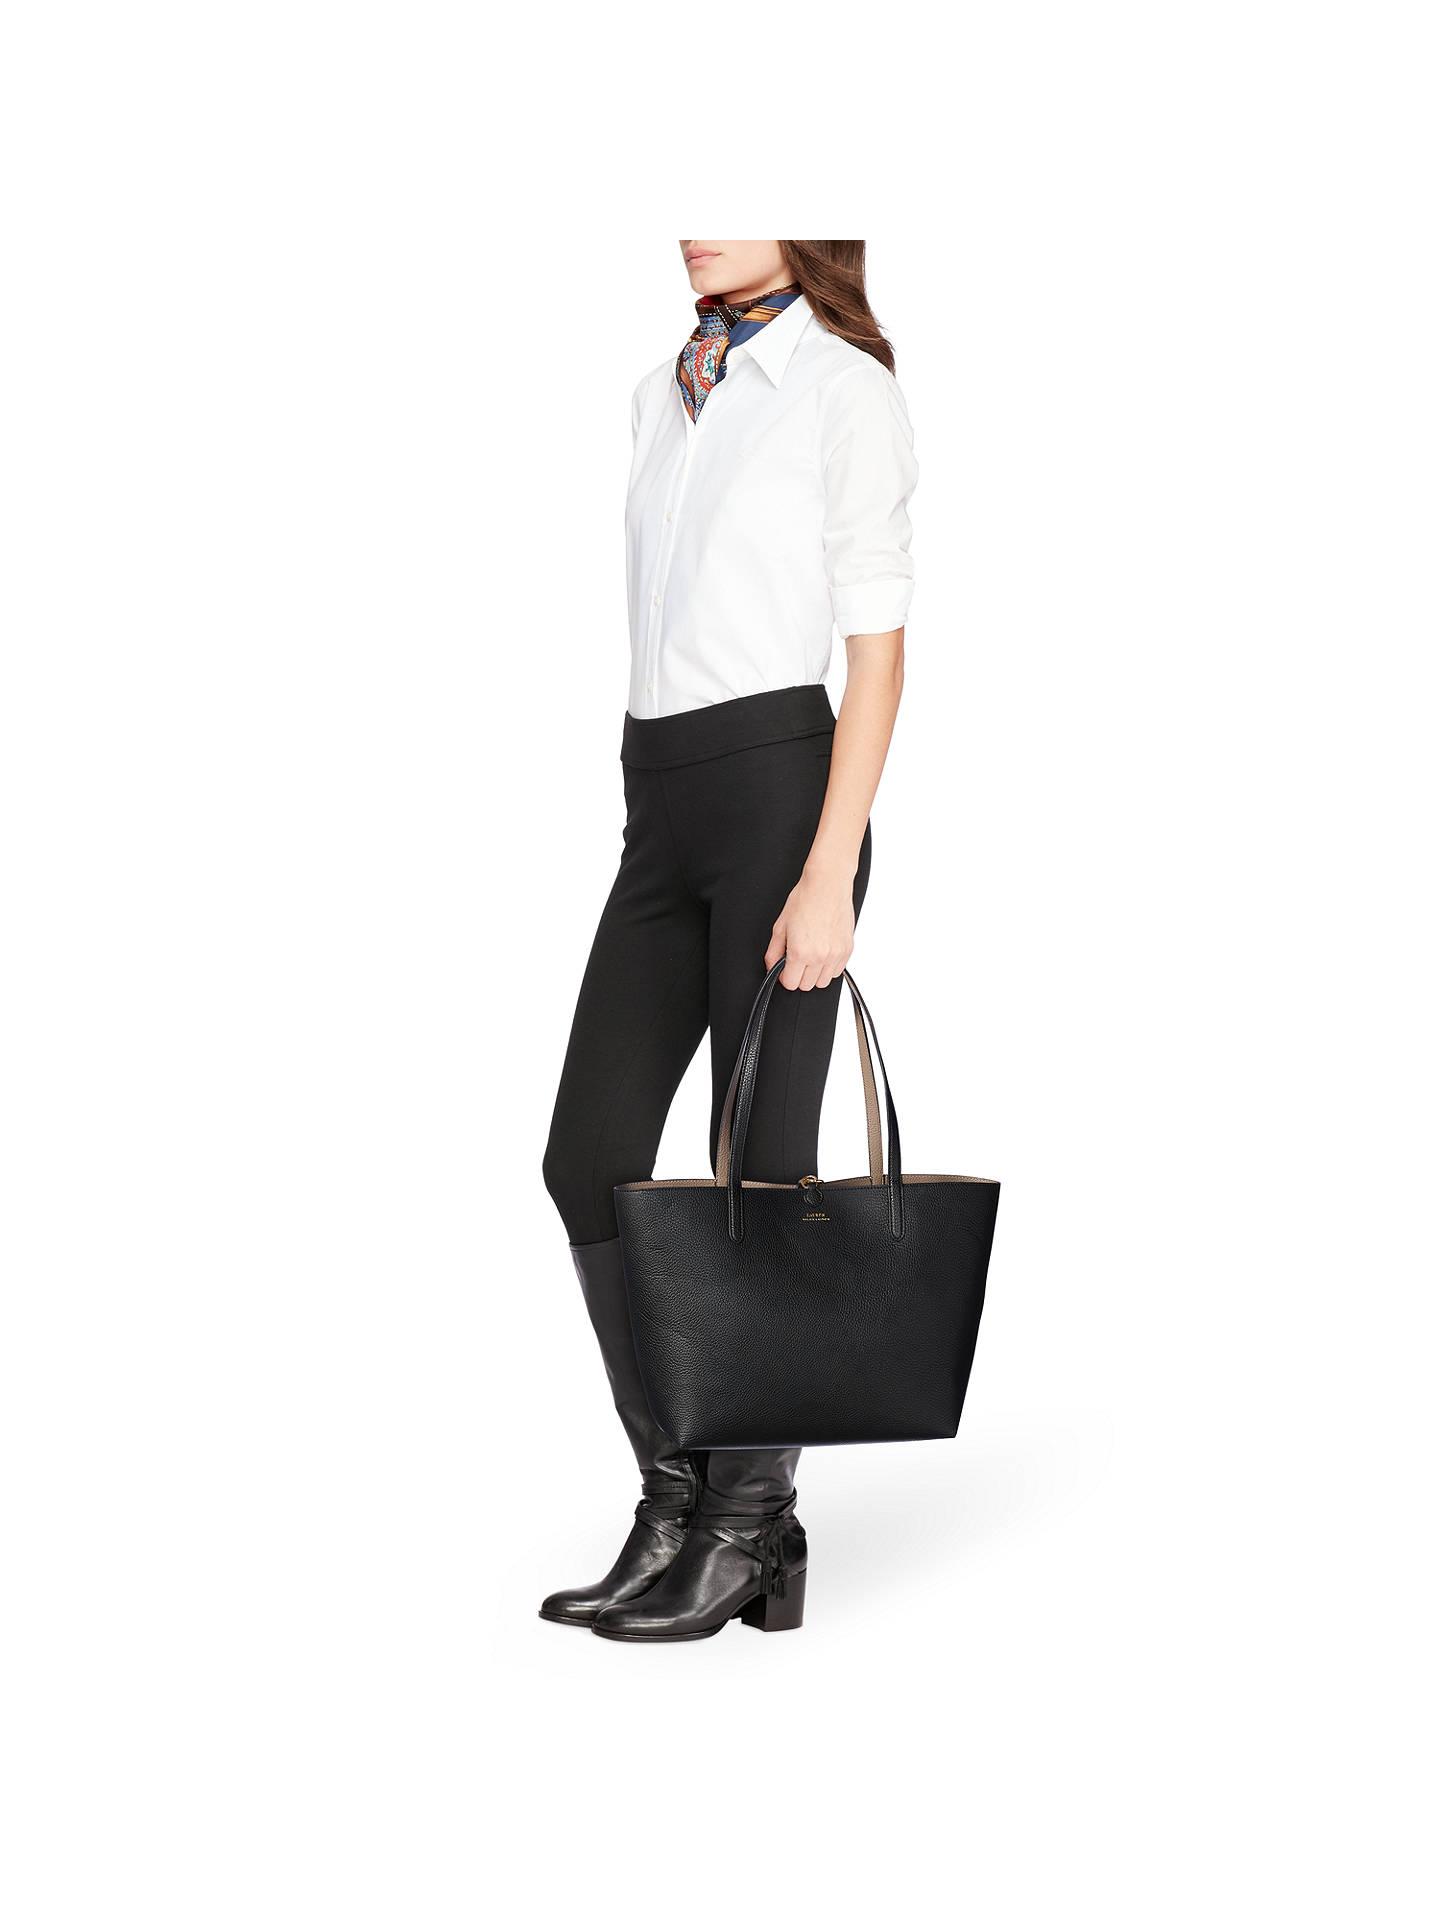 edfbe6ba36820 ... Buy Lauren Ralph Lauren Reversible Tote Bag